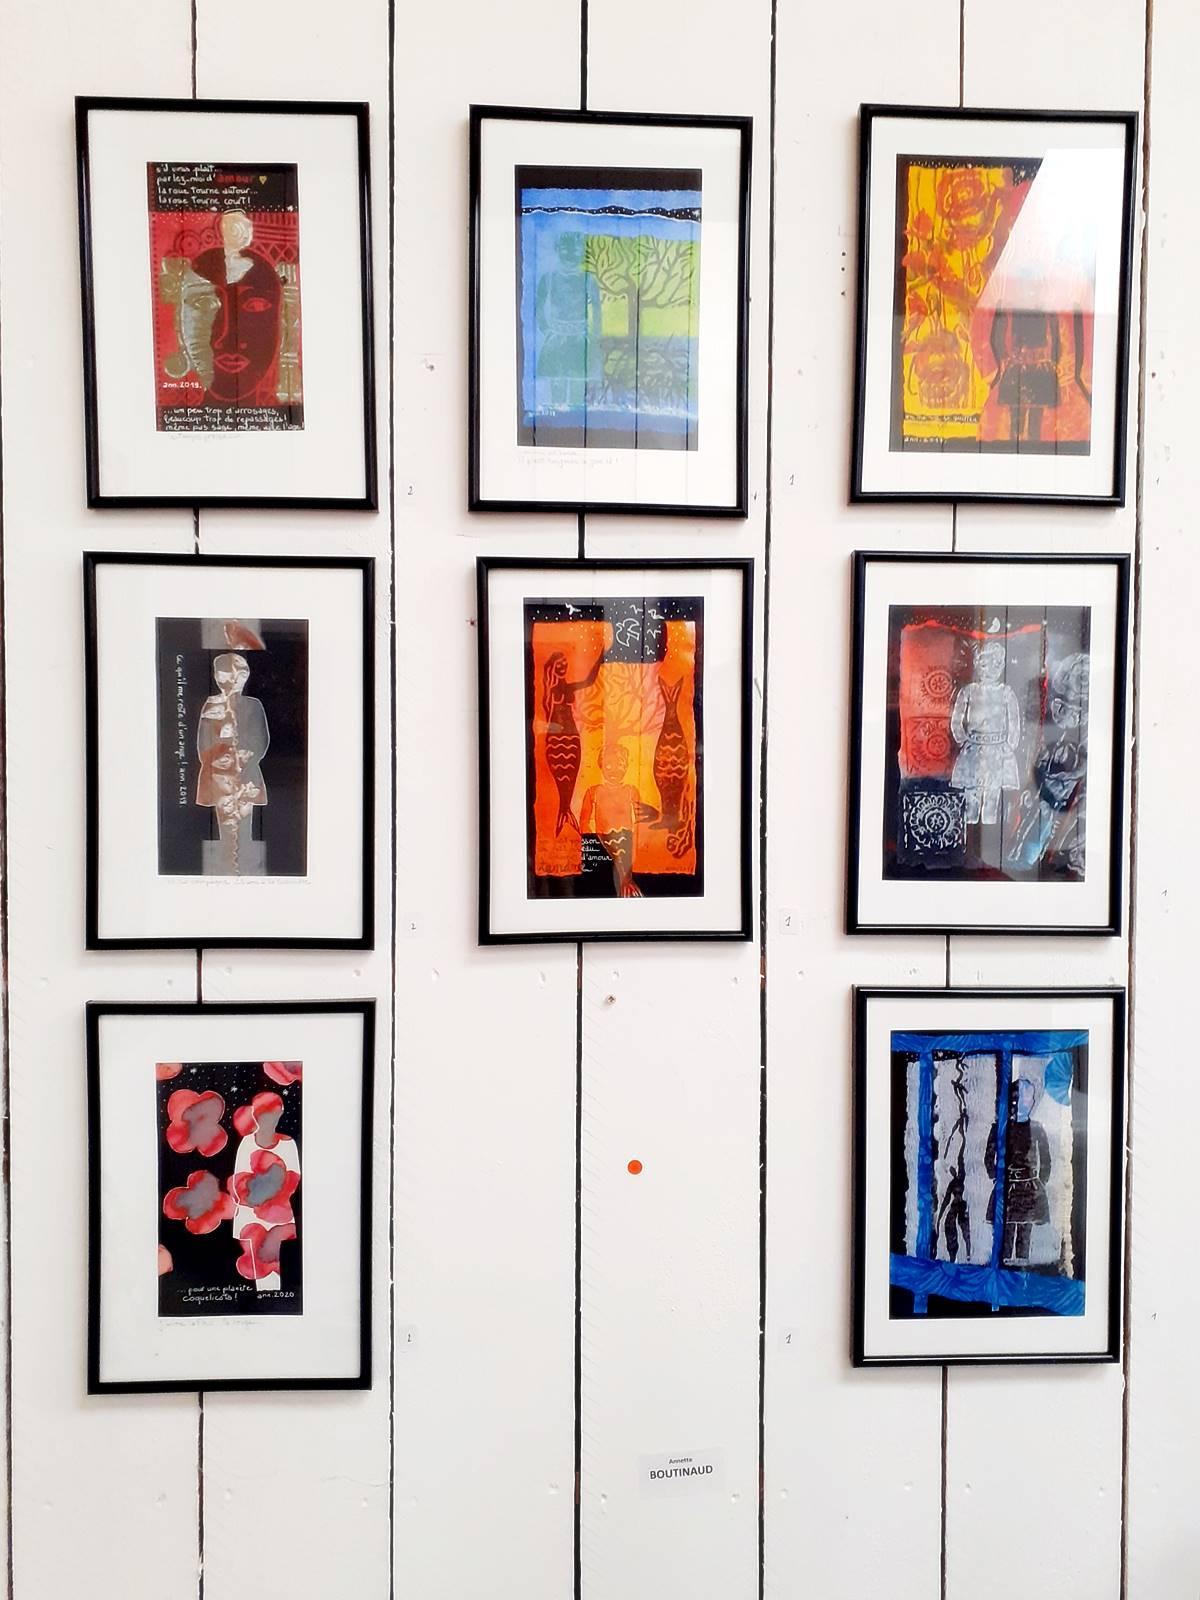 Hang art saffre loire atlantique musee20200613 132203